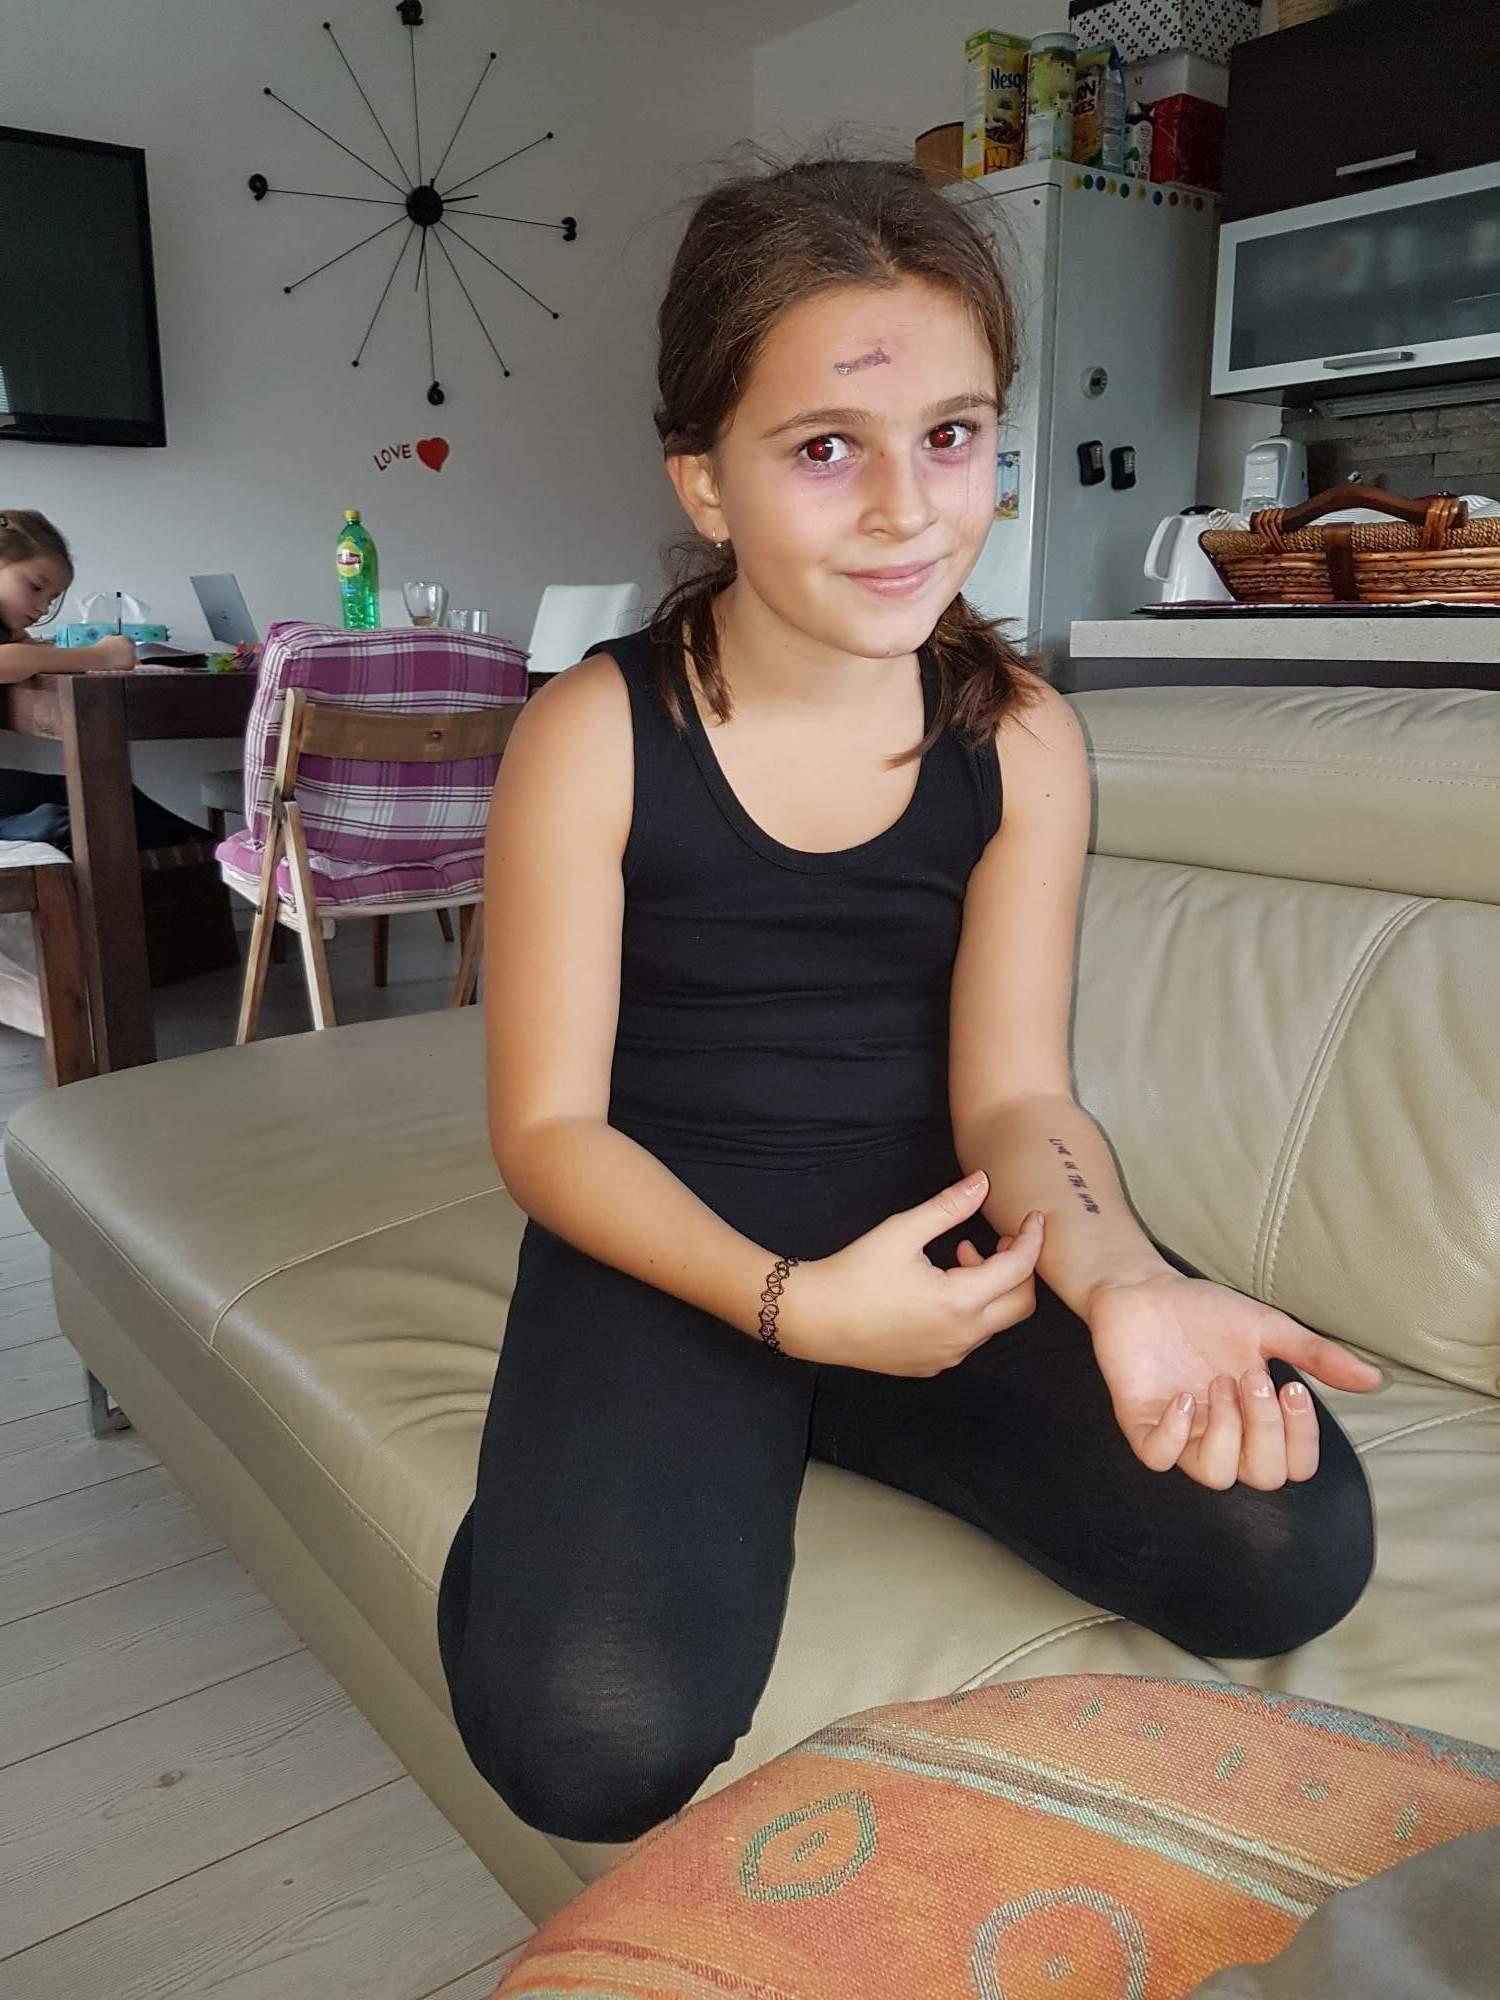 Rajce Idnes Cervenec Nude Picture Bluedols | Jozz Picture Sexy